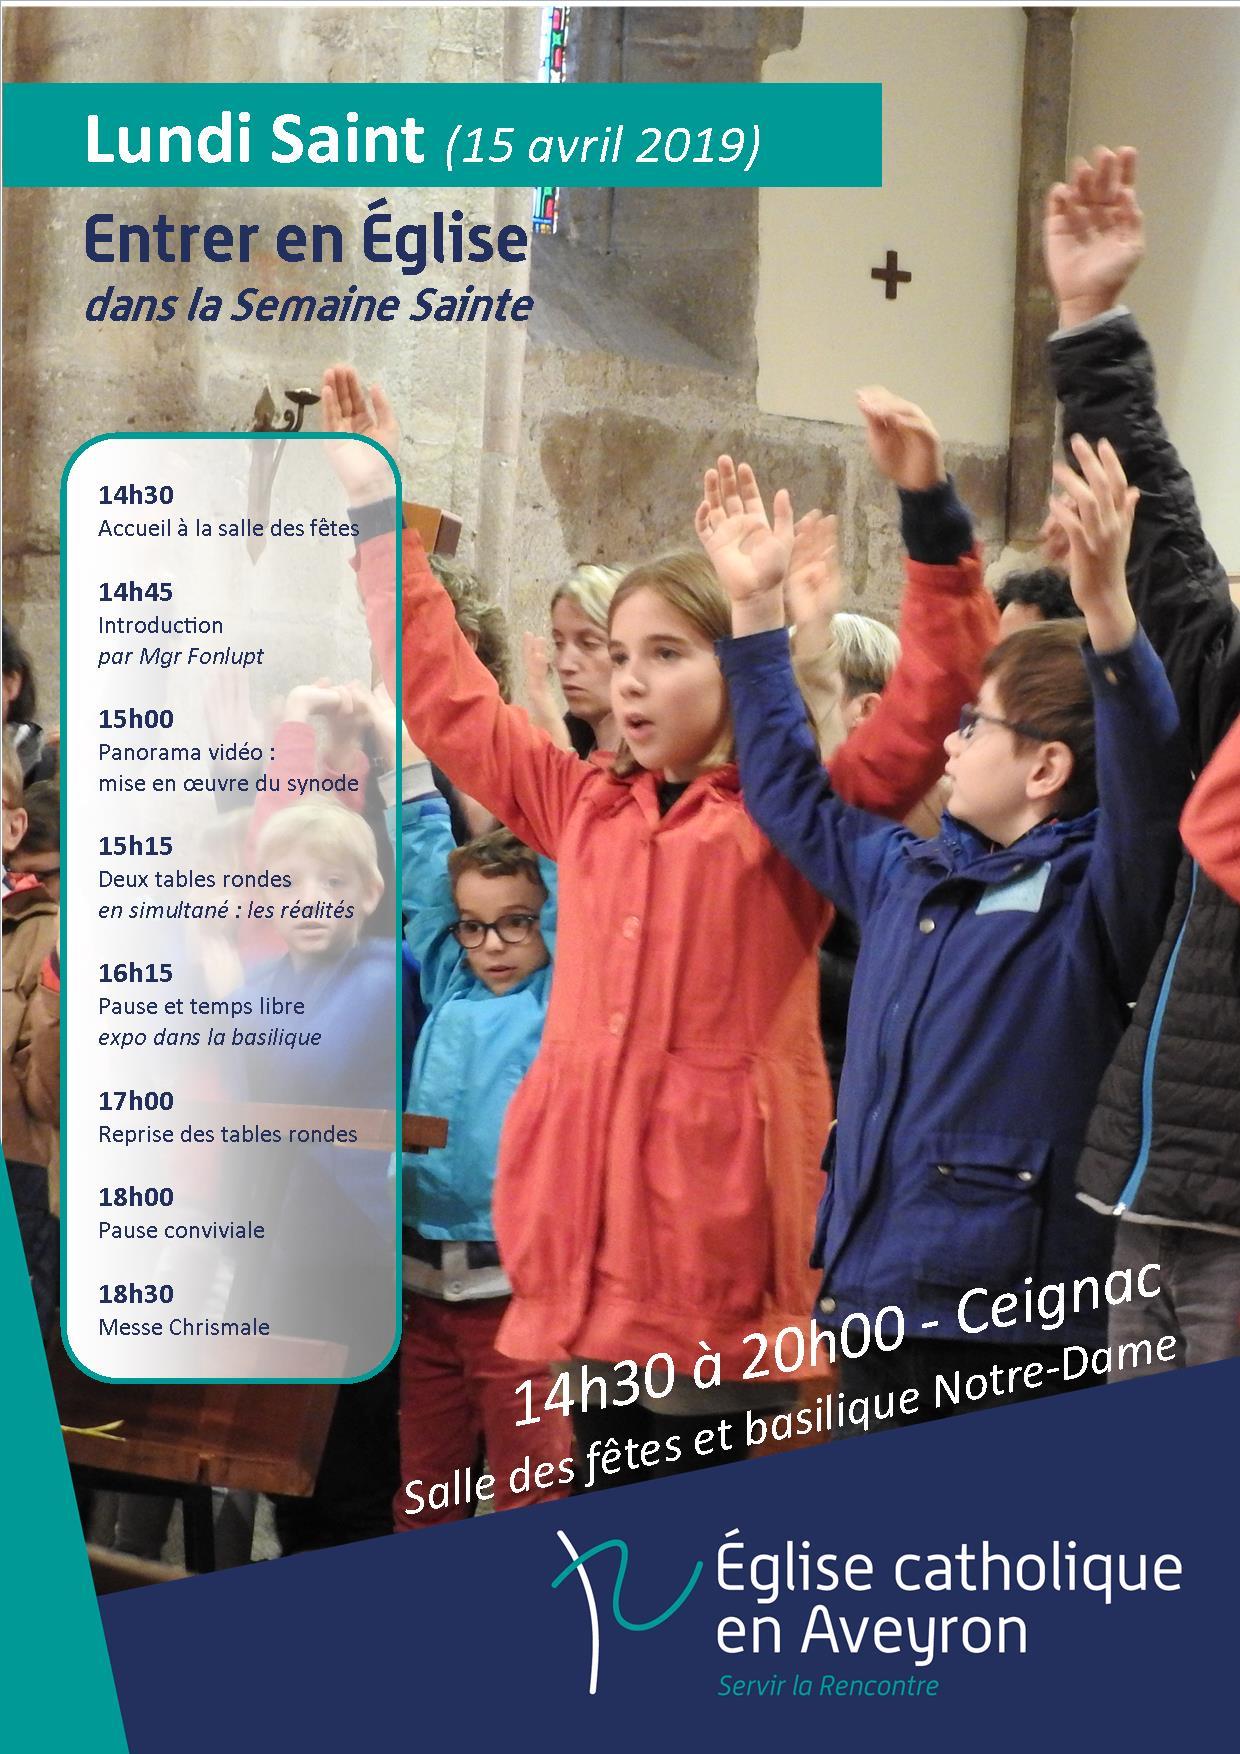 2019 04 15 Lundi SaintAffiche